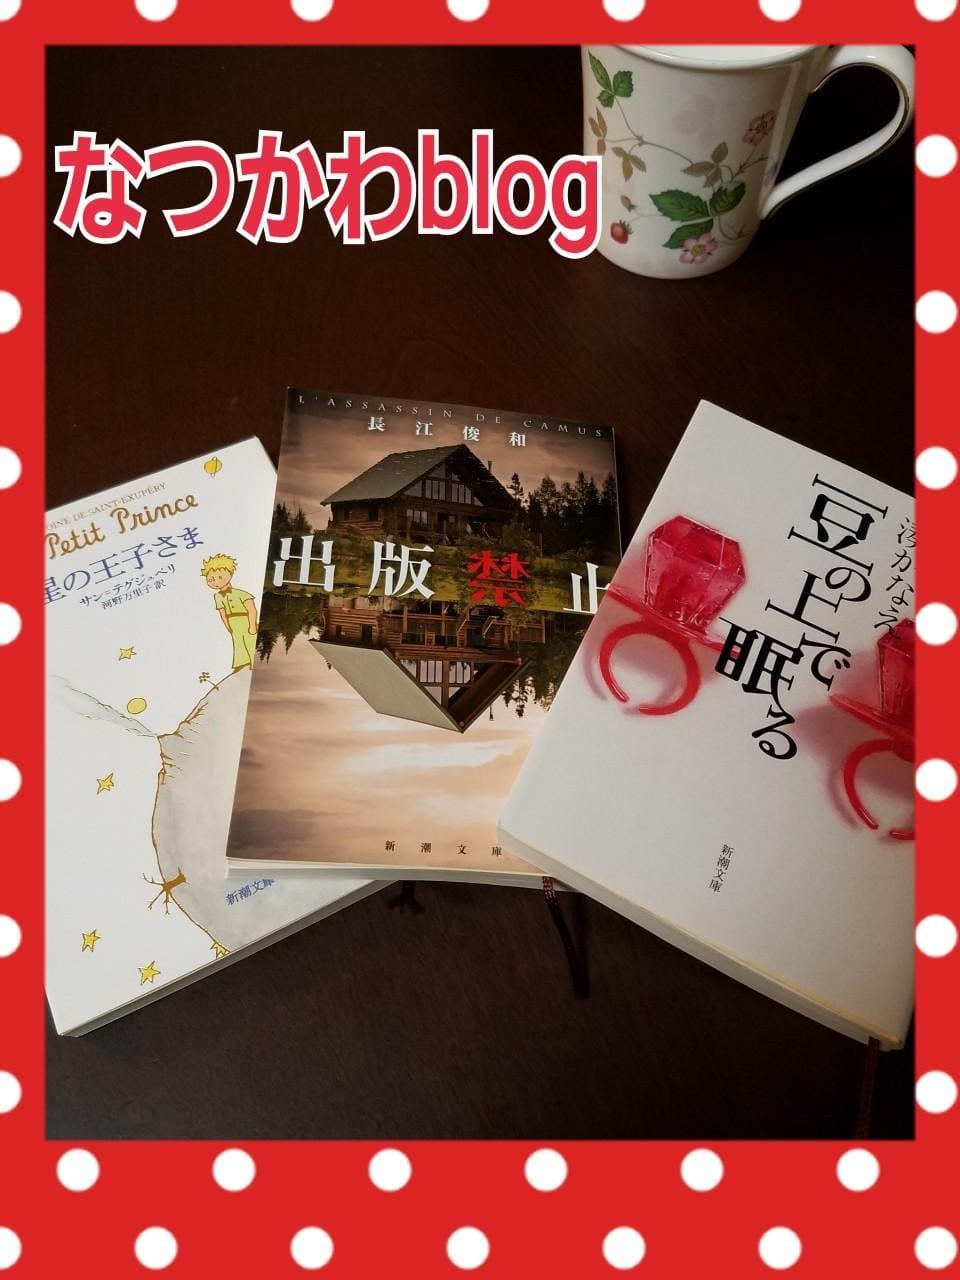 「のんびり読書できました♪」01/19(土) 17:08 | 夏川の写メ・風俗動画